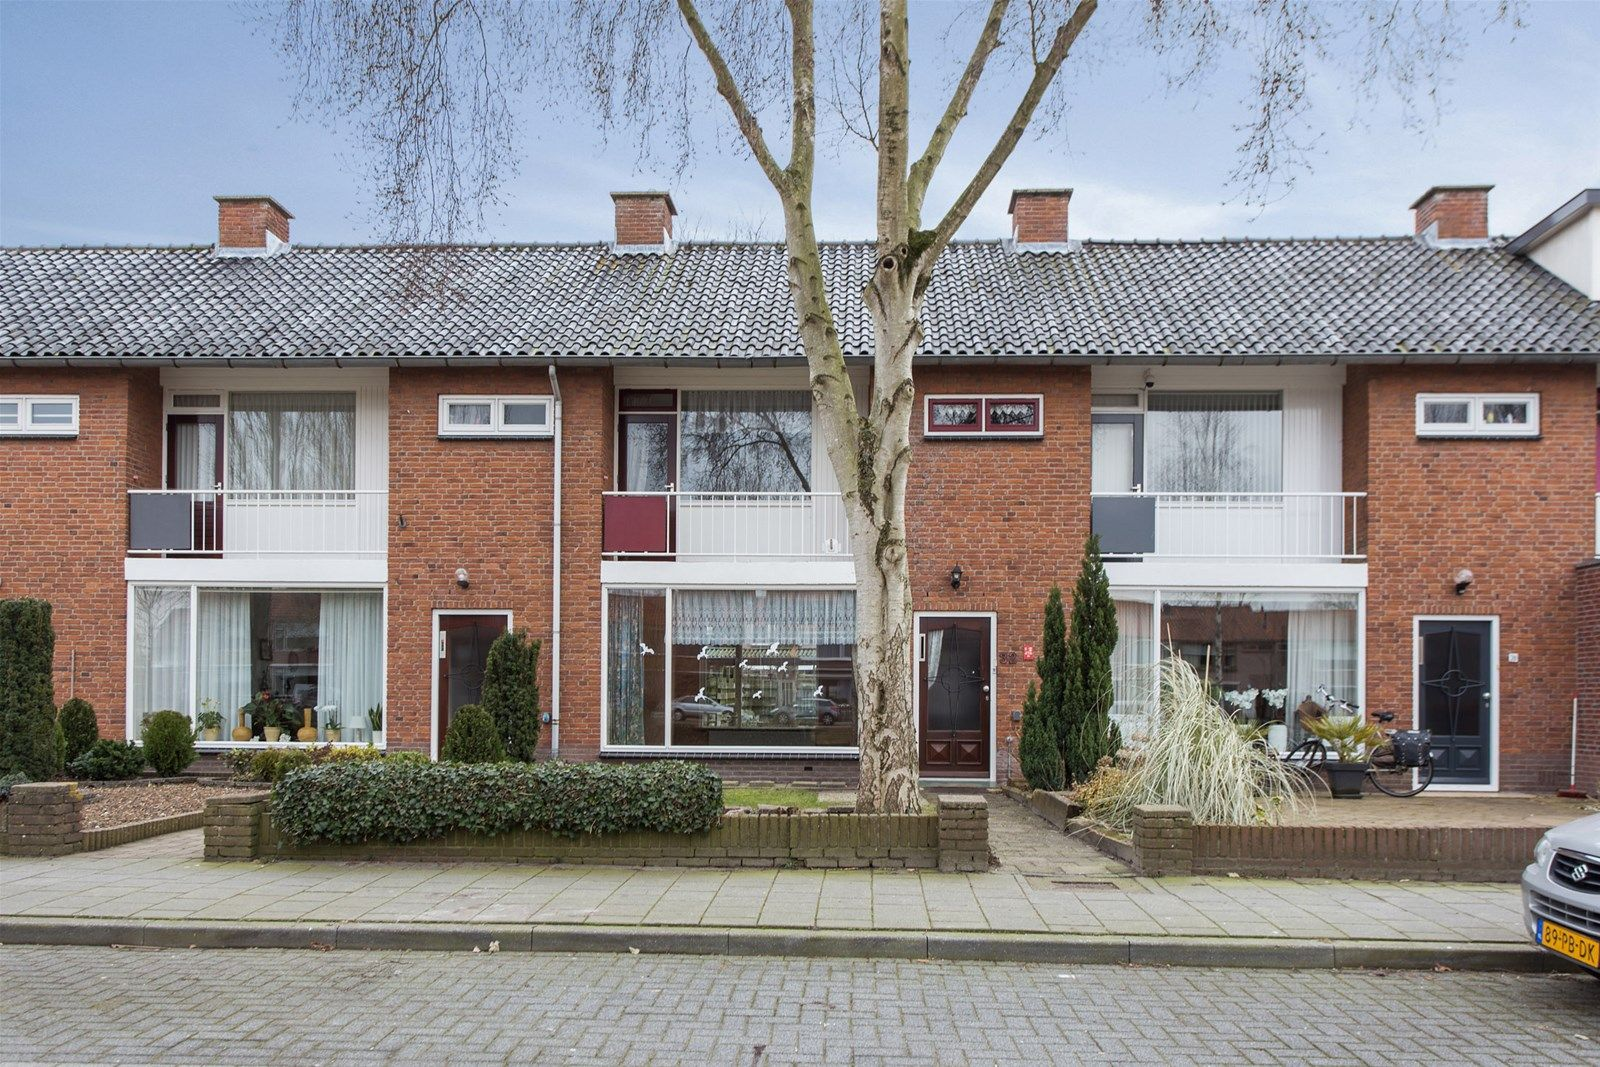 Guido Gezellelaan 32, Harderwijk